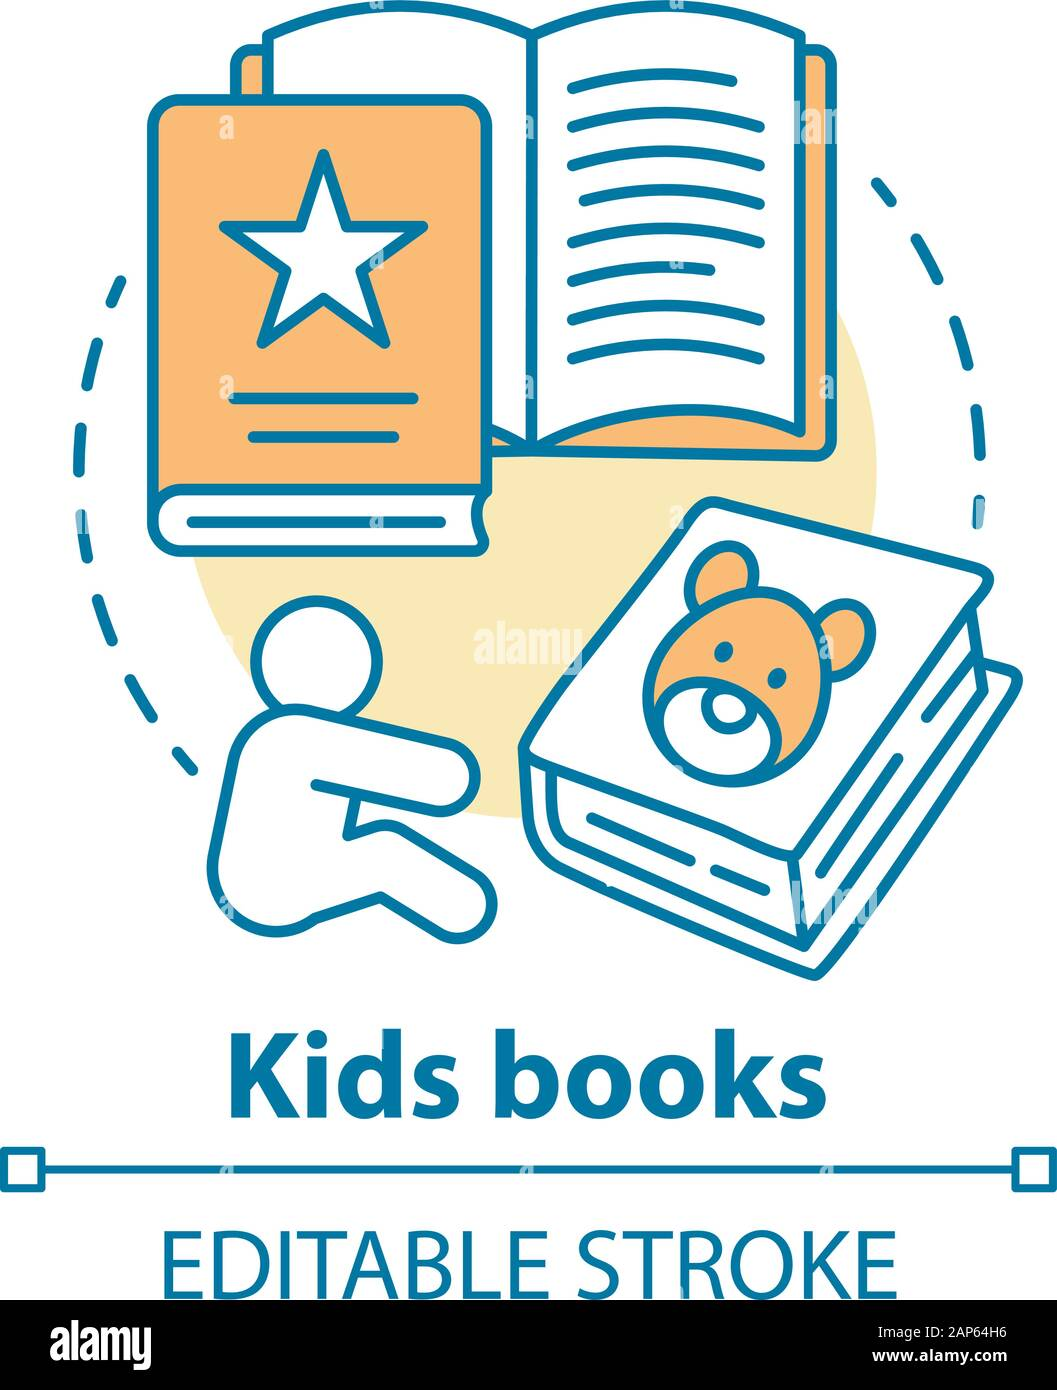 Enfants livres concept icône. La littérature pour enfants idée fine ligne illustration. Des contes, des livres d'images, des poèmes pour enfants. Des exercices d'éducation préscolaire. V Illustration de Vecteur